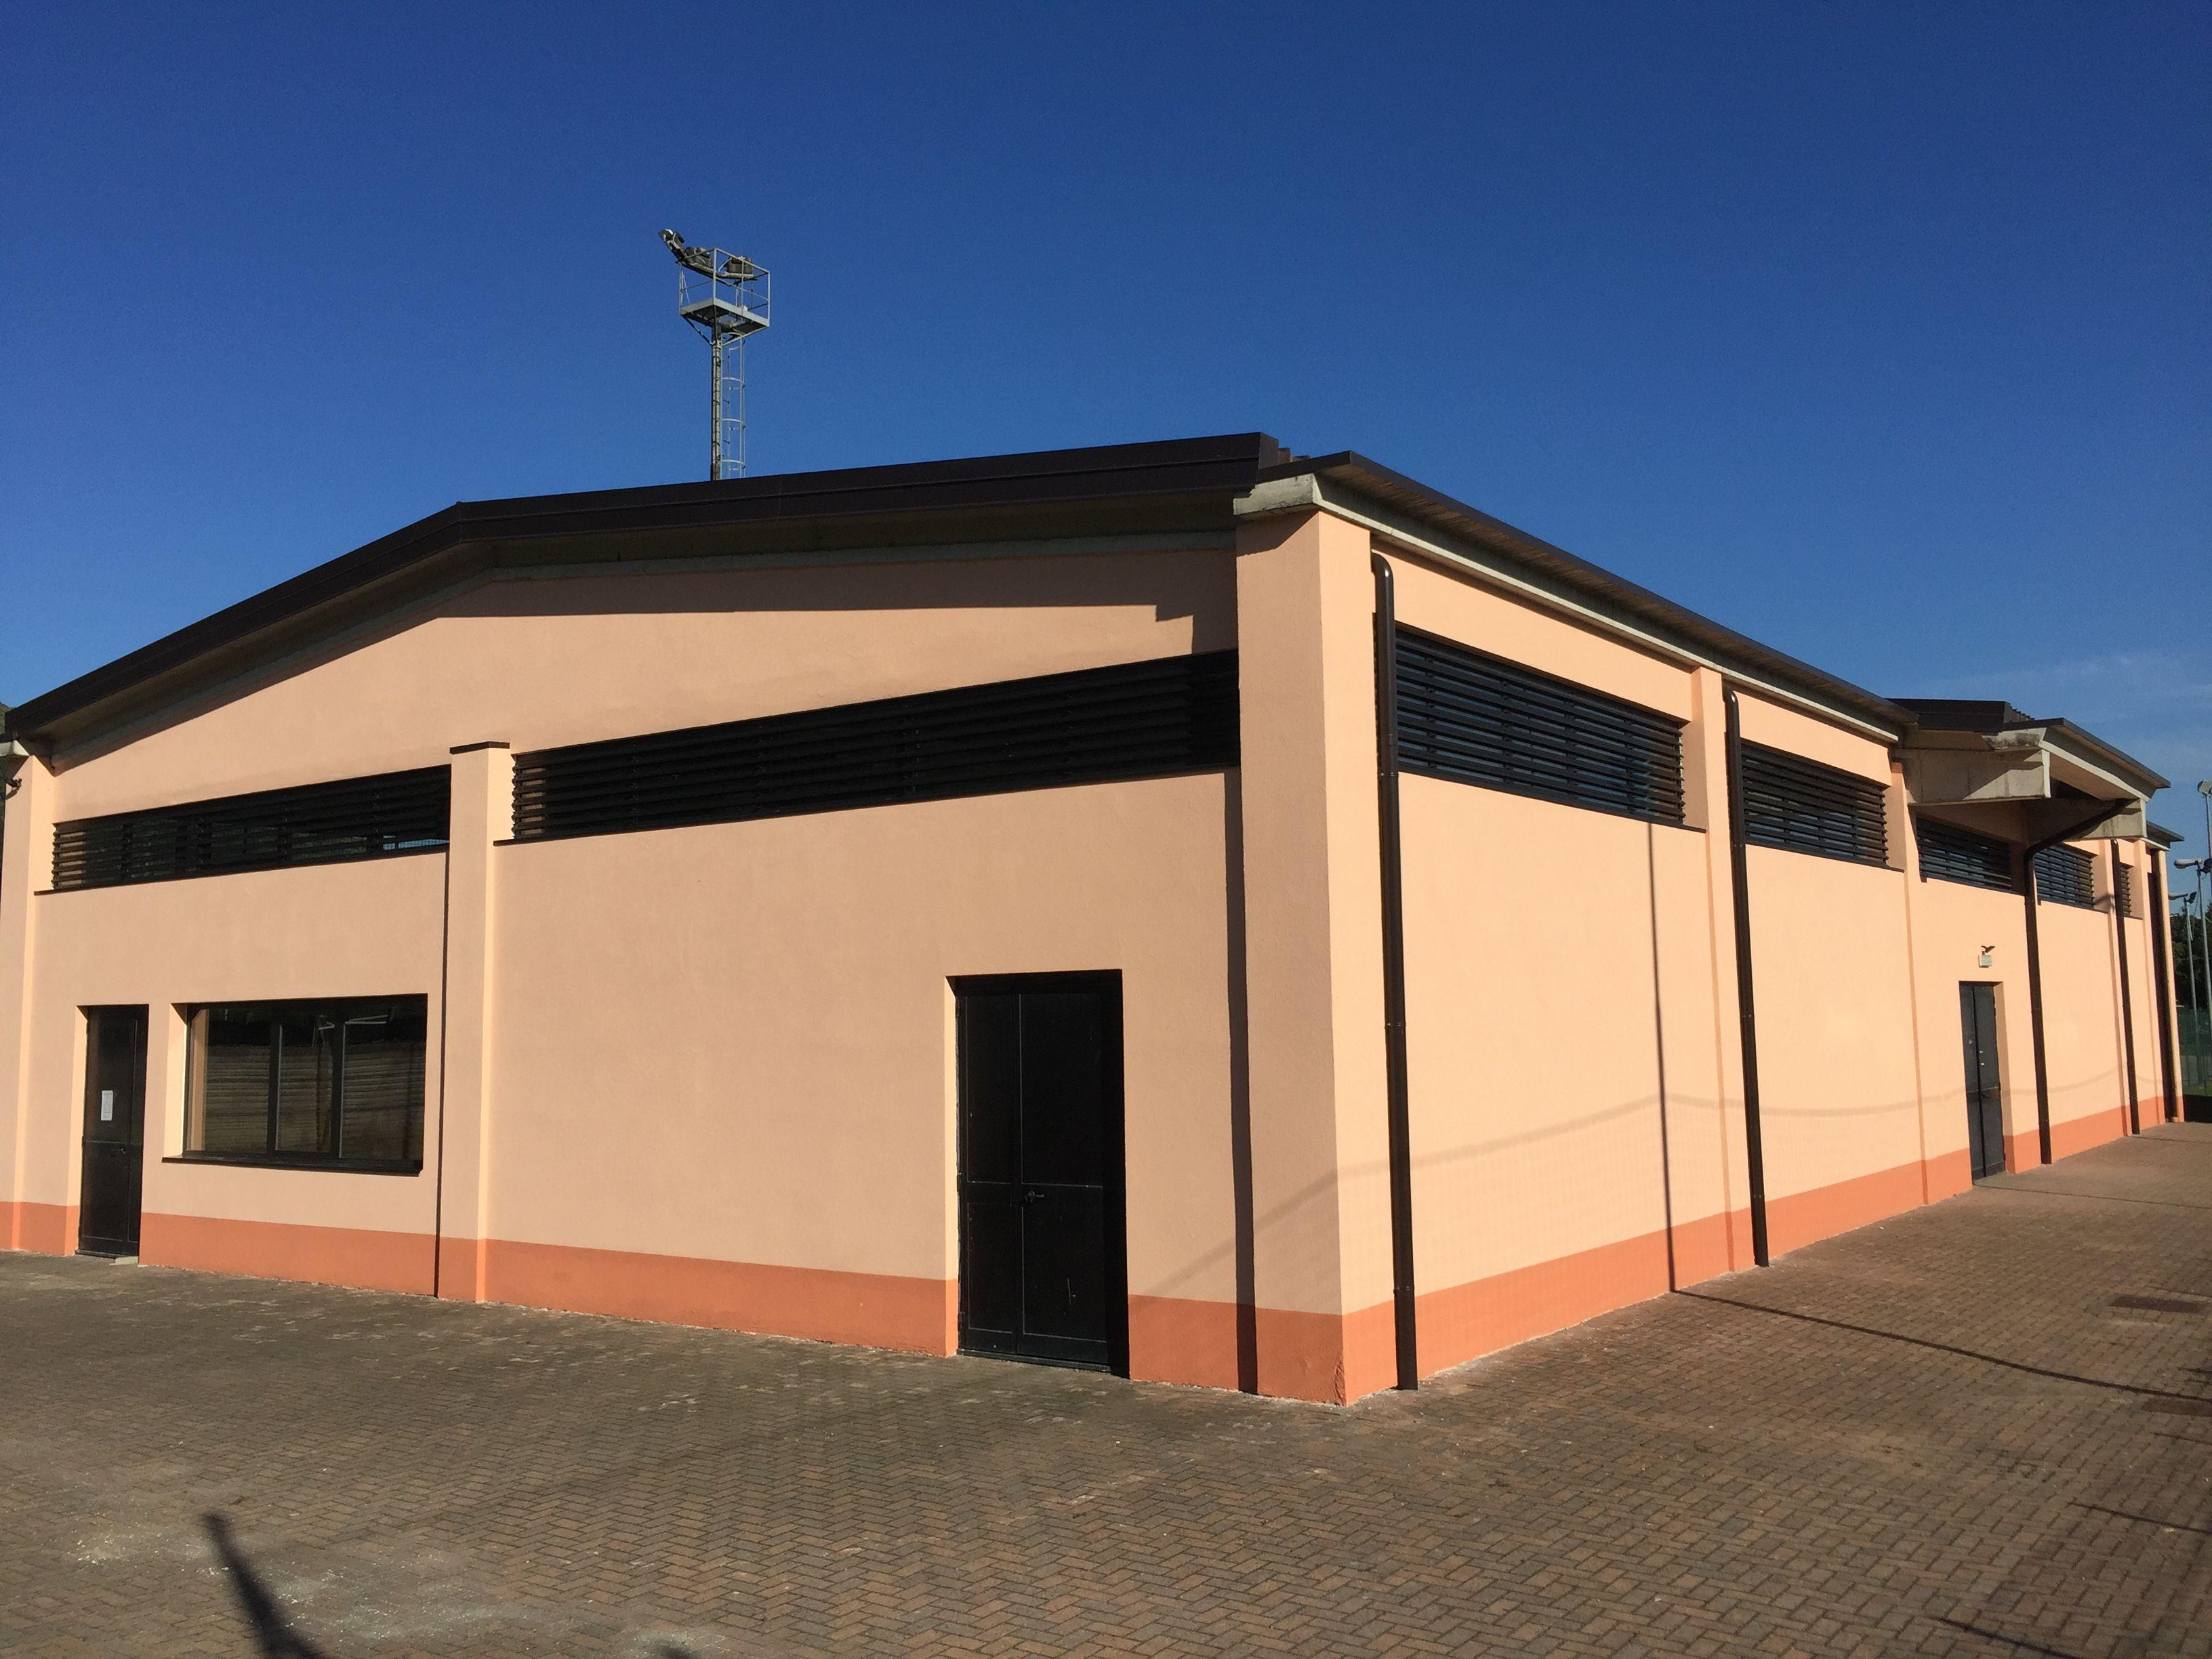 BOLLENGO - Finiti i lavori, nuova vita per il Pluriuso costruito con i fondi dei mondiali di Italia '90